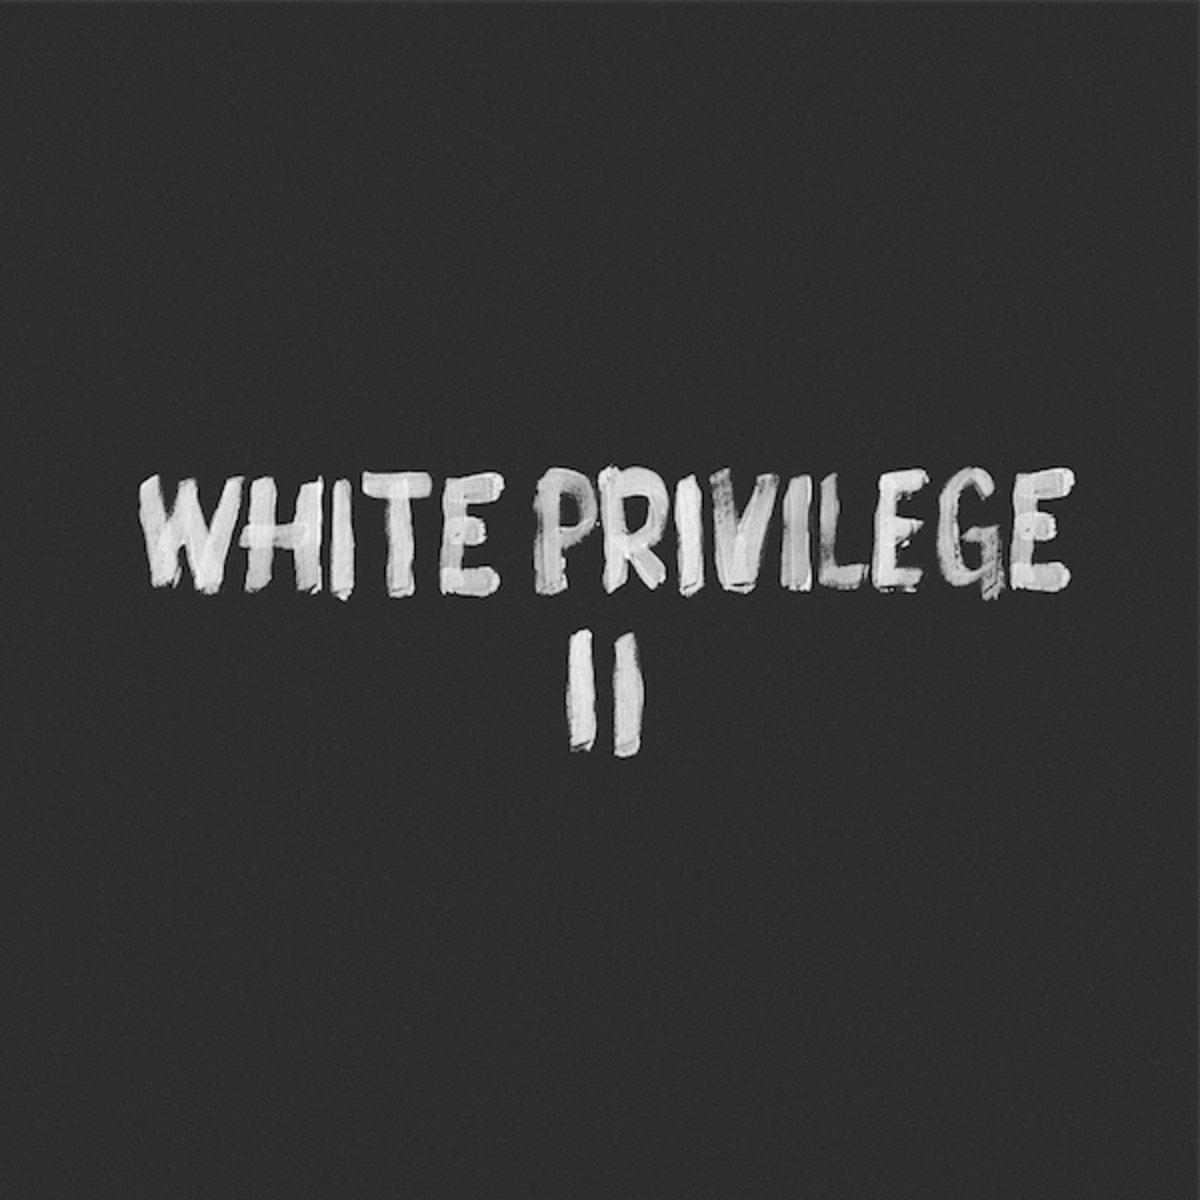 white privilege ii macklemore provides a case study of white privilege ii macklemore provides a case study of white guilt complex